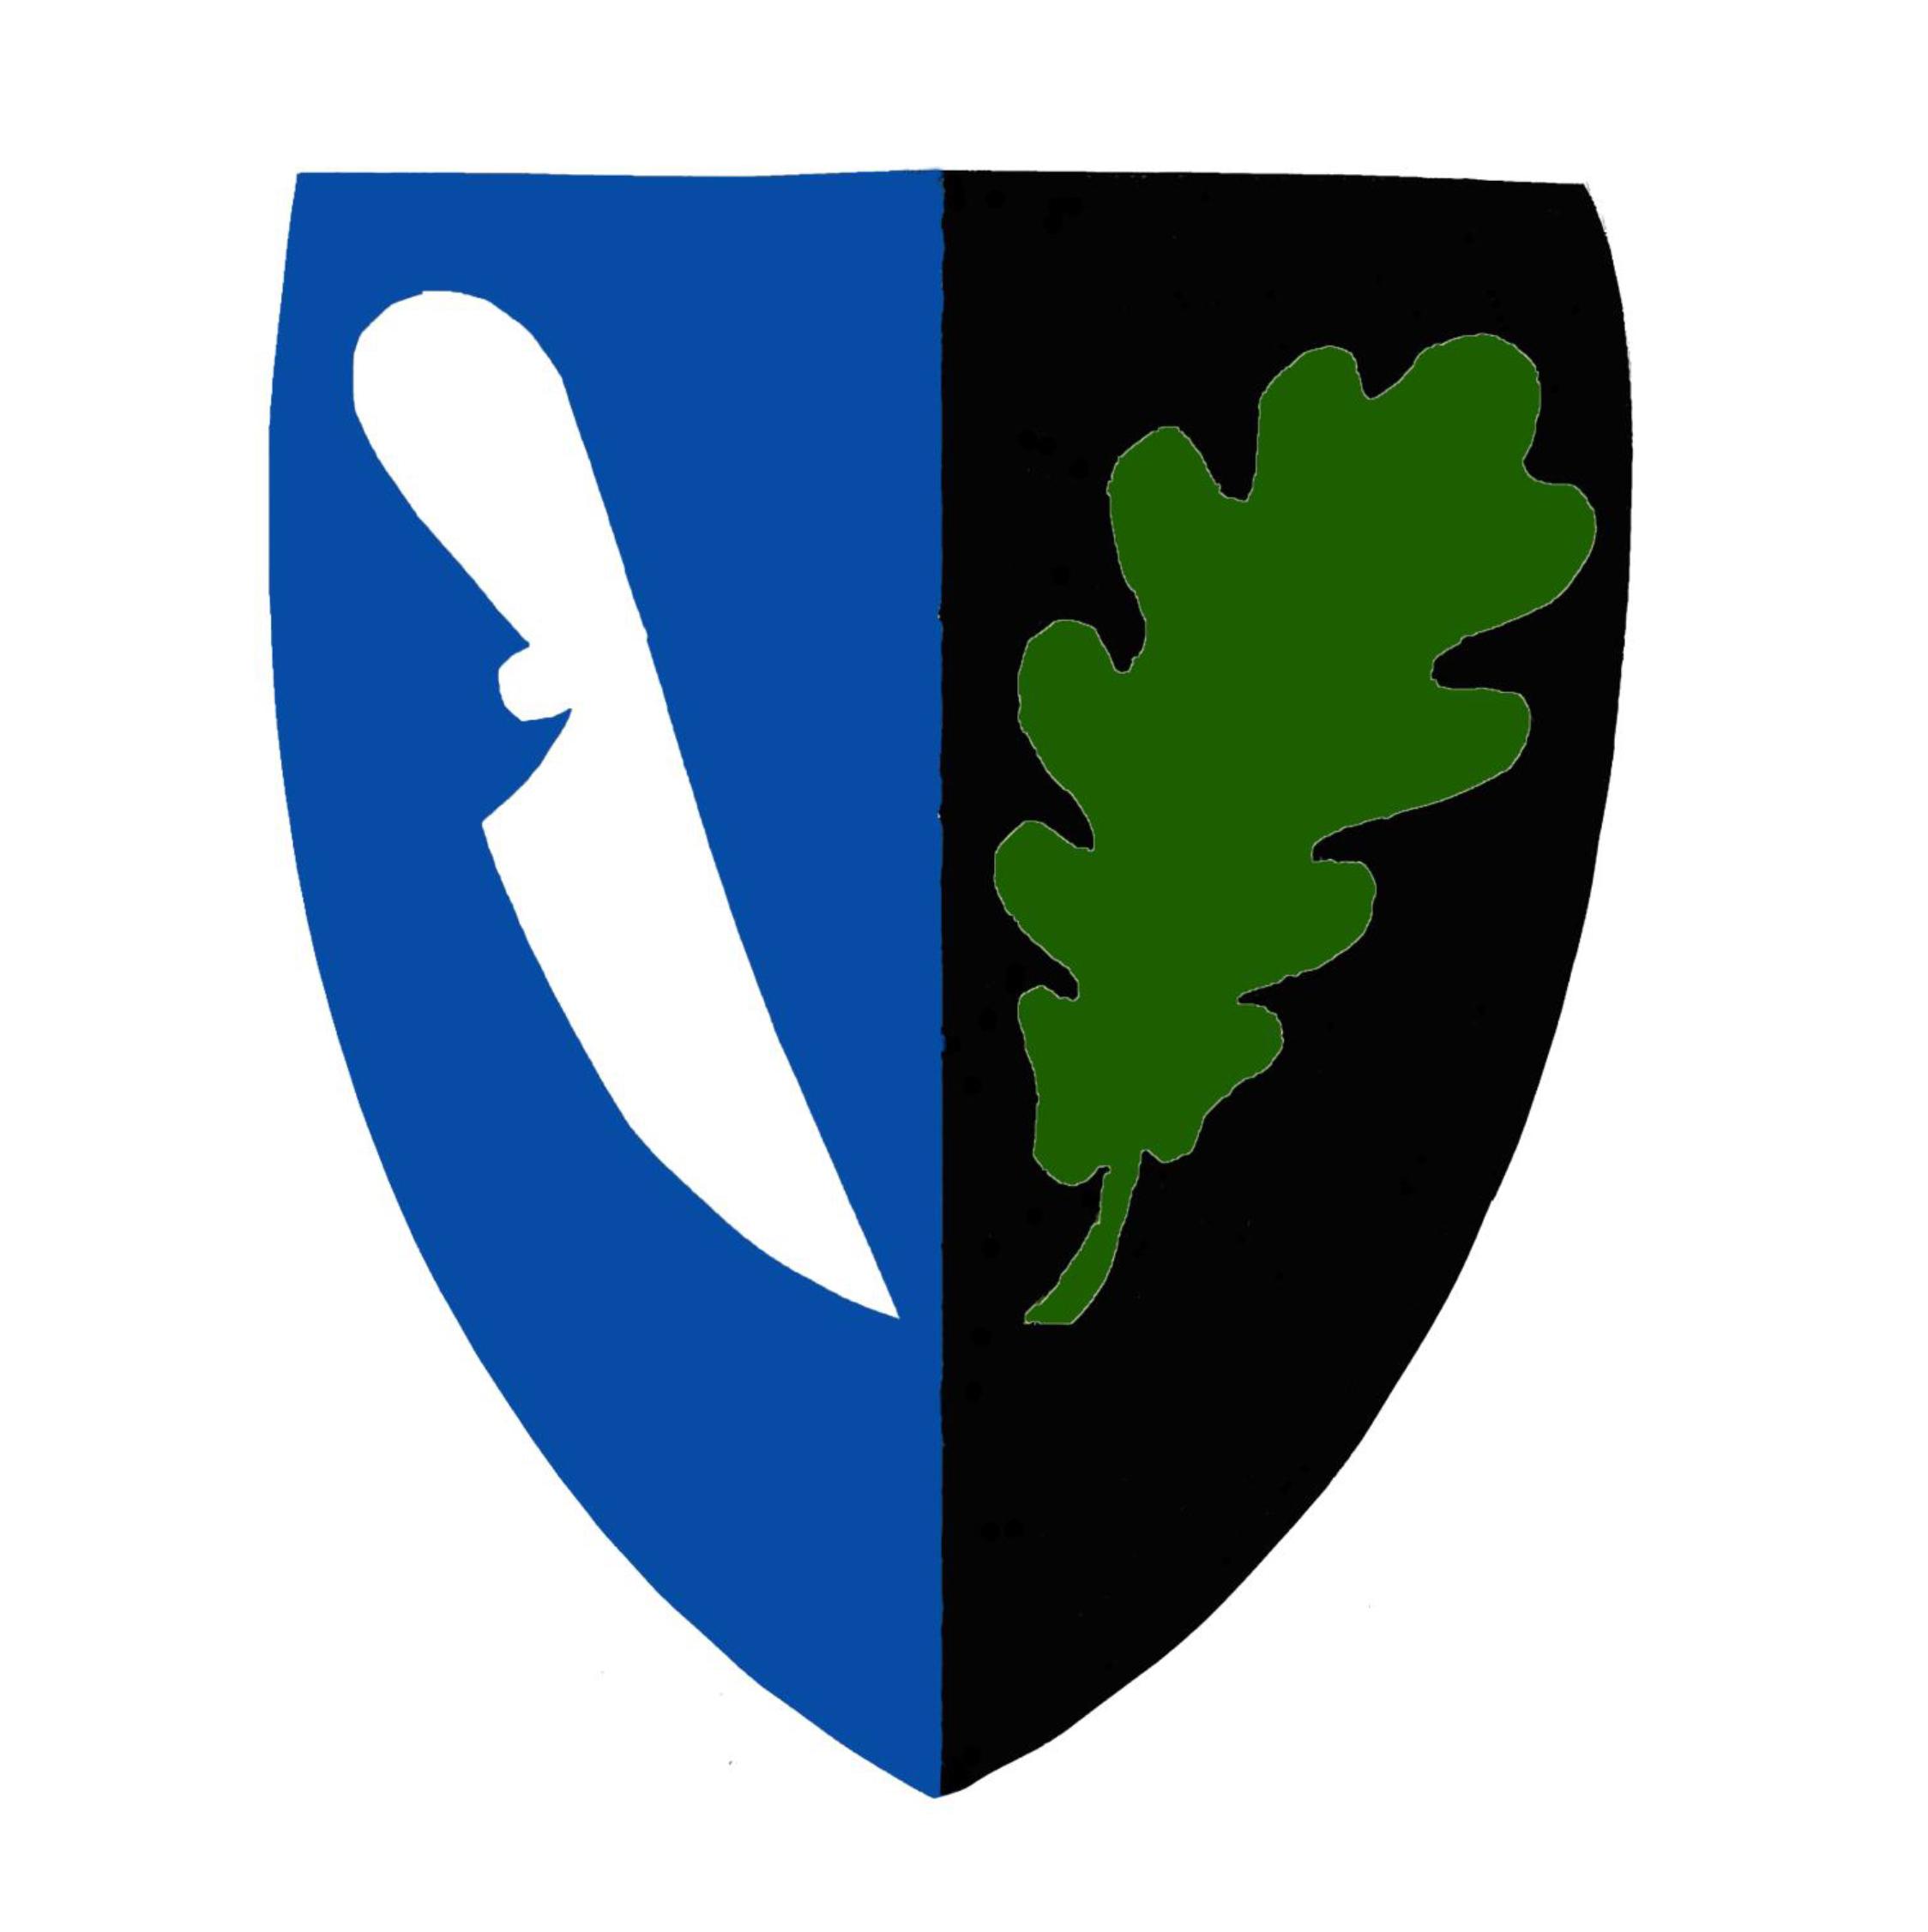 Fortidsfamilien sin logo, satt sammen av eit eikeblad og en kniv - gjett hva den kan? Kutte og skjære - Kutschera :-)